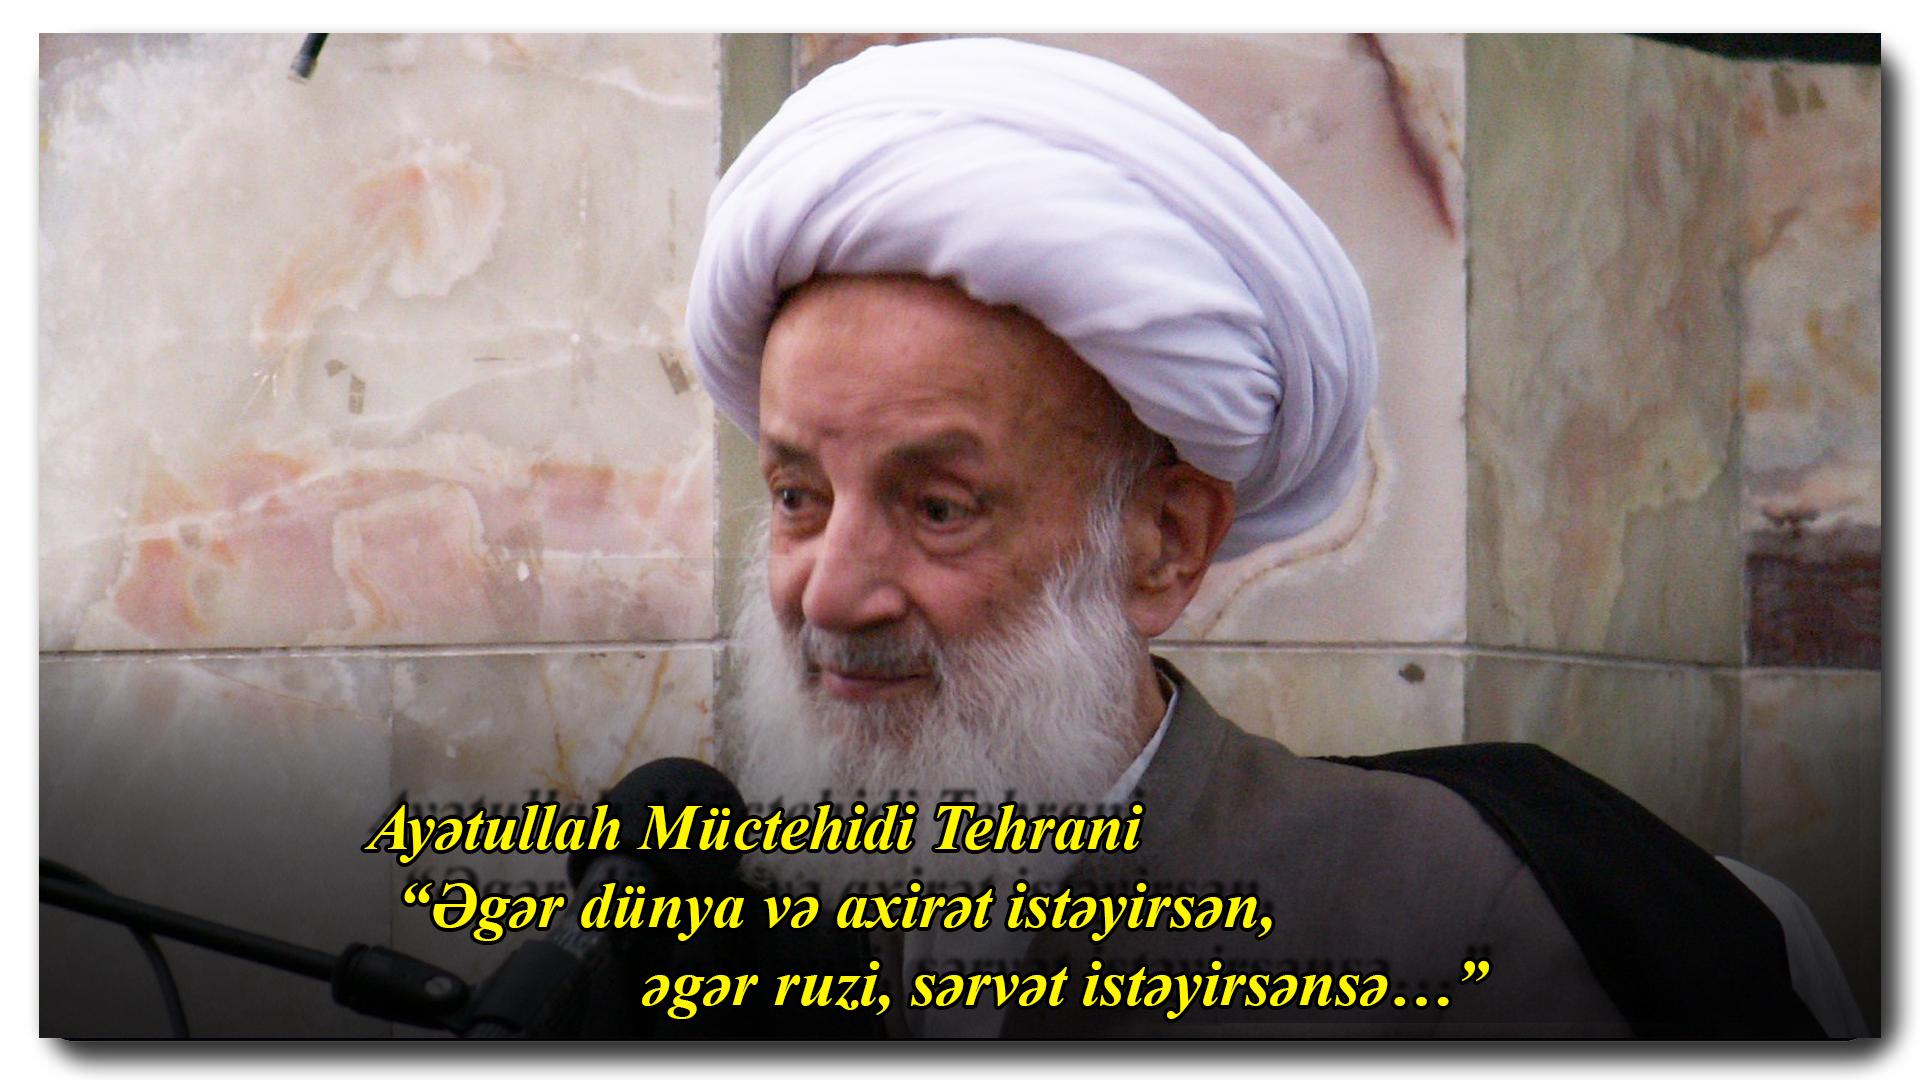 """Ayətullah Müctehidi Tehrani: """"Əgər dünya və axirət istəyirsən, əgər ruzi, sərvət istəyirsənsə…"""""""